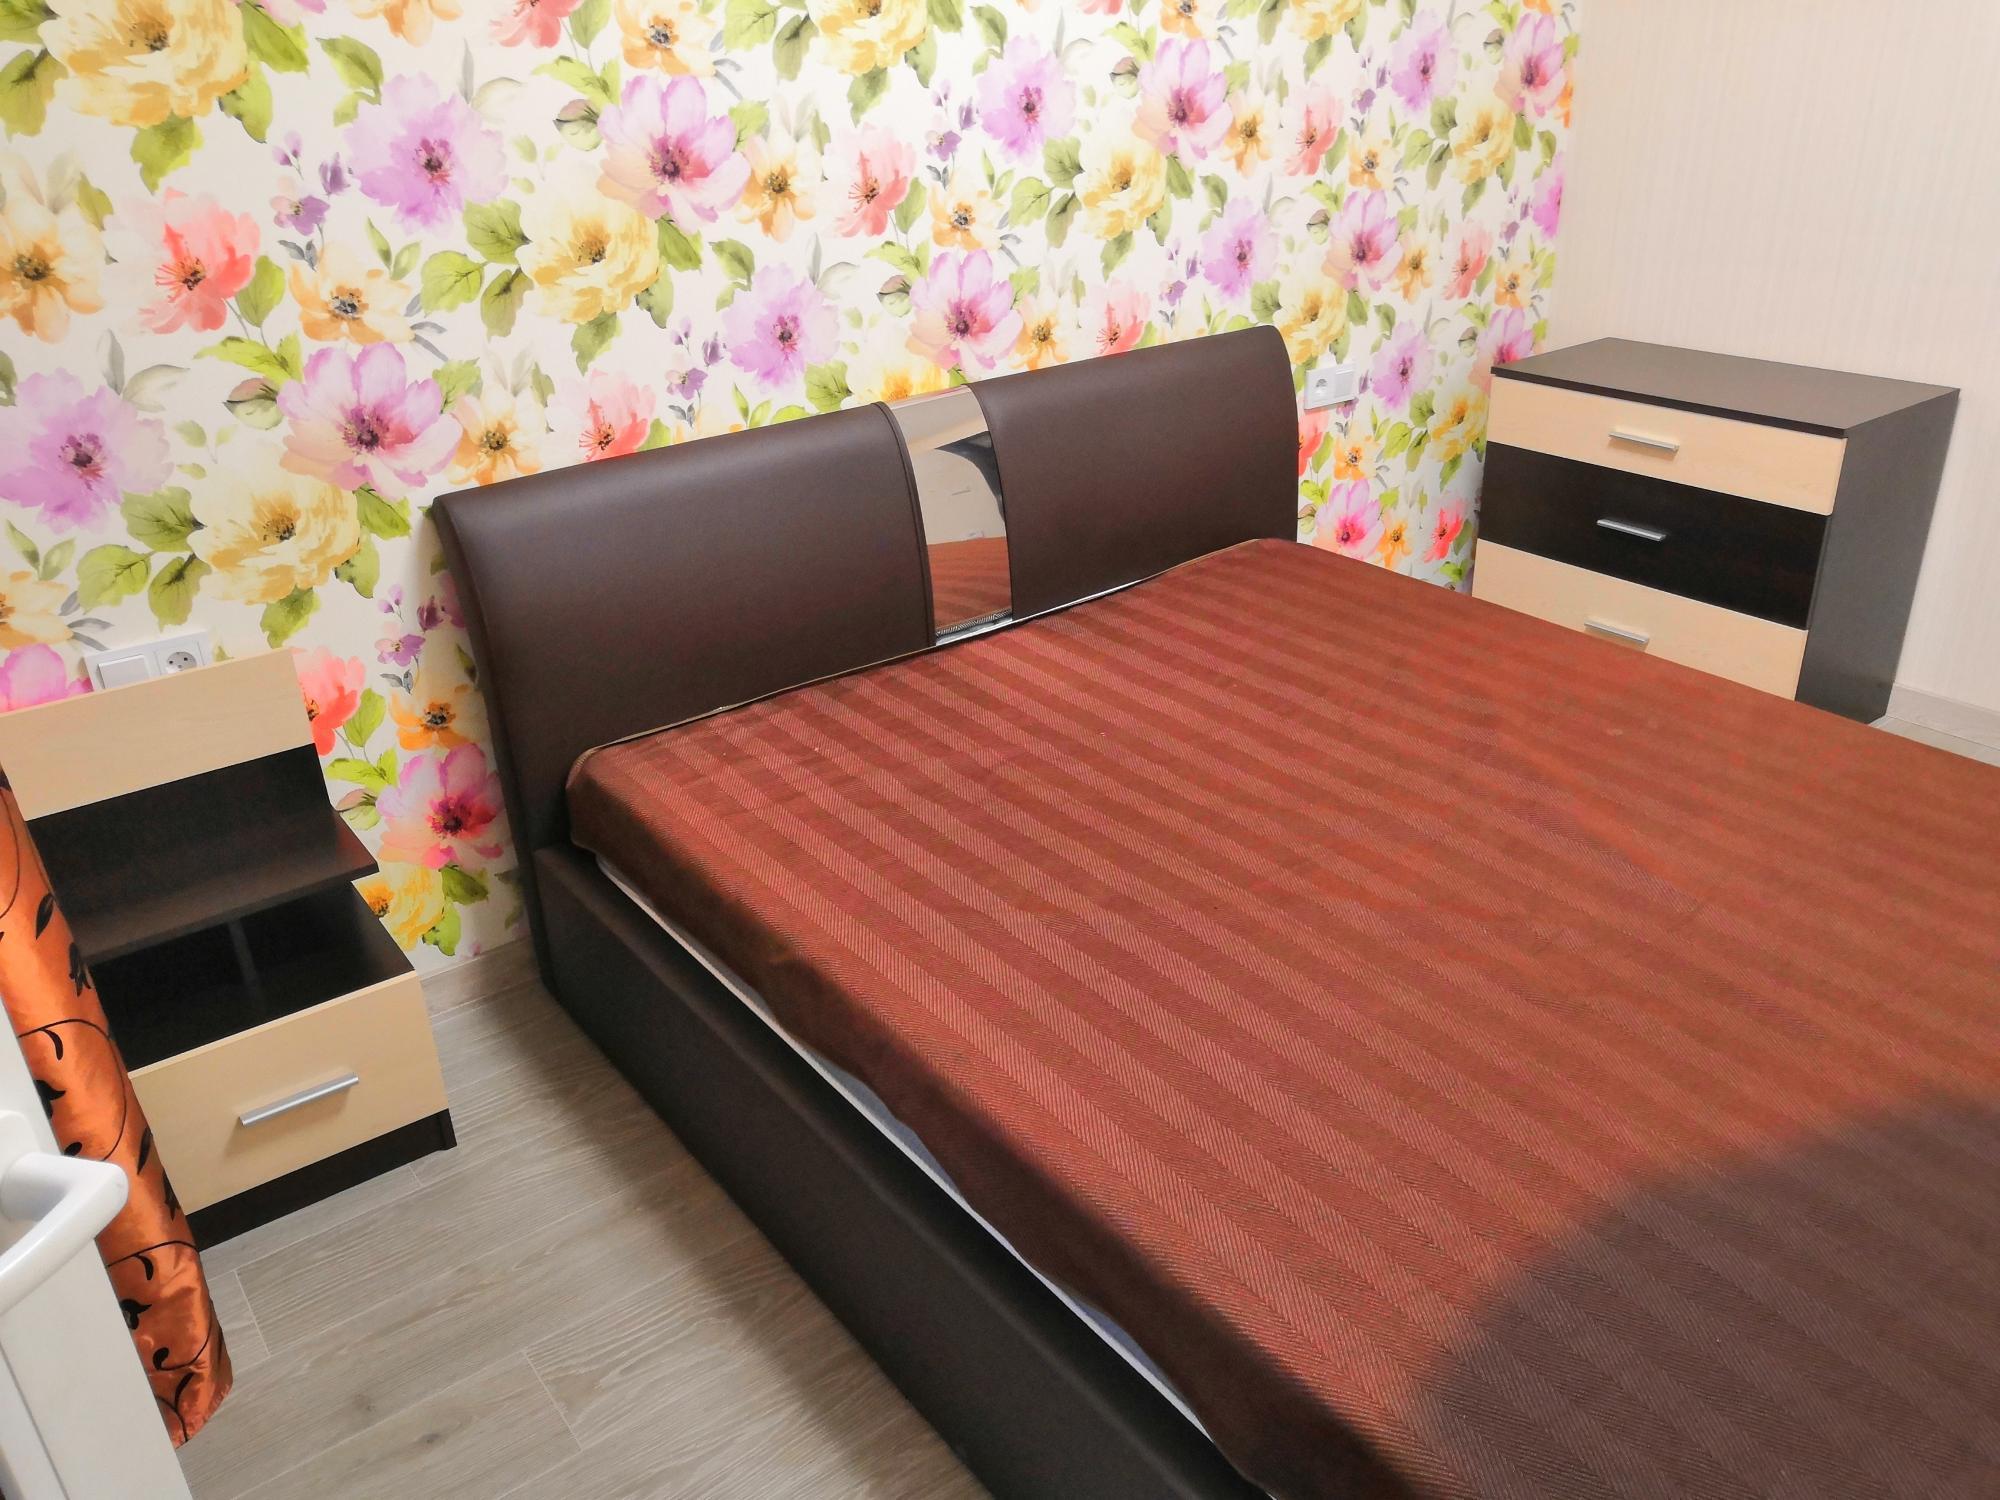 Квартира, 3 комнаты, 74 м² в Щербинке 89990025182 купить 2